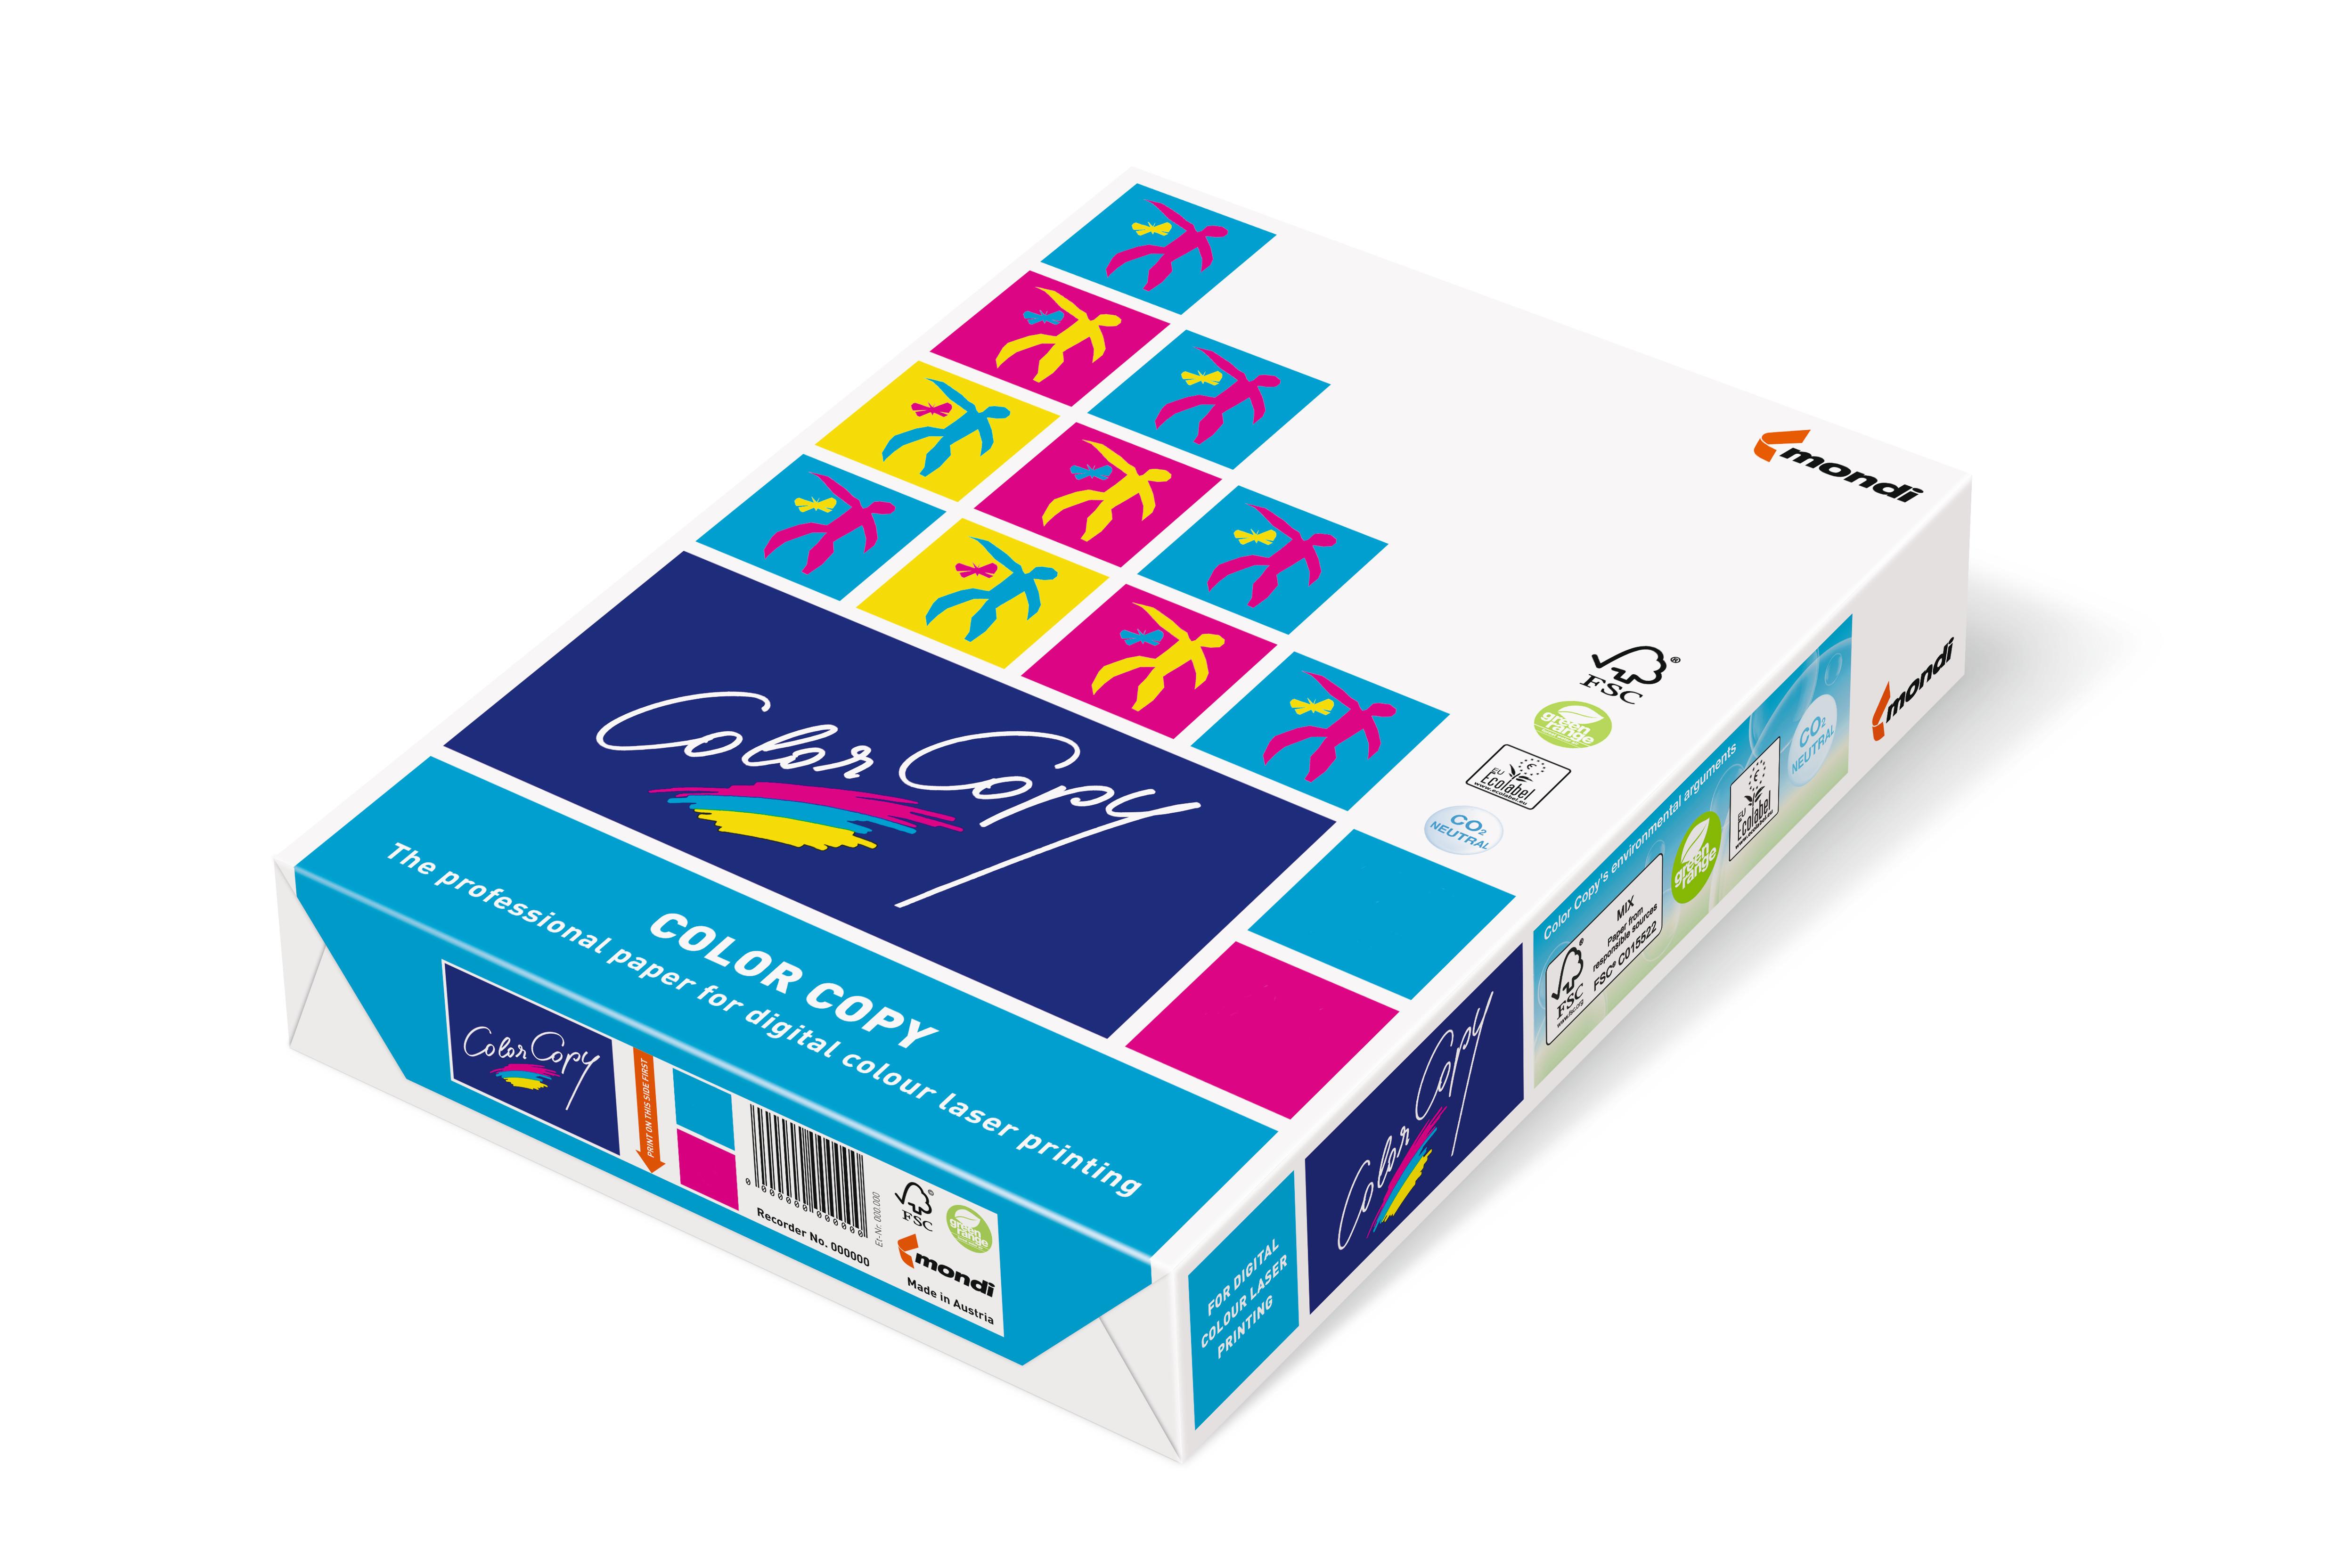 Mondi Color Copy Papier 90g/m² DIN-A3 - 500 Blatt